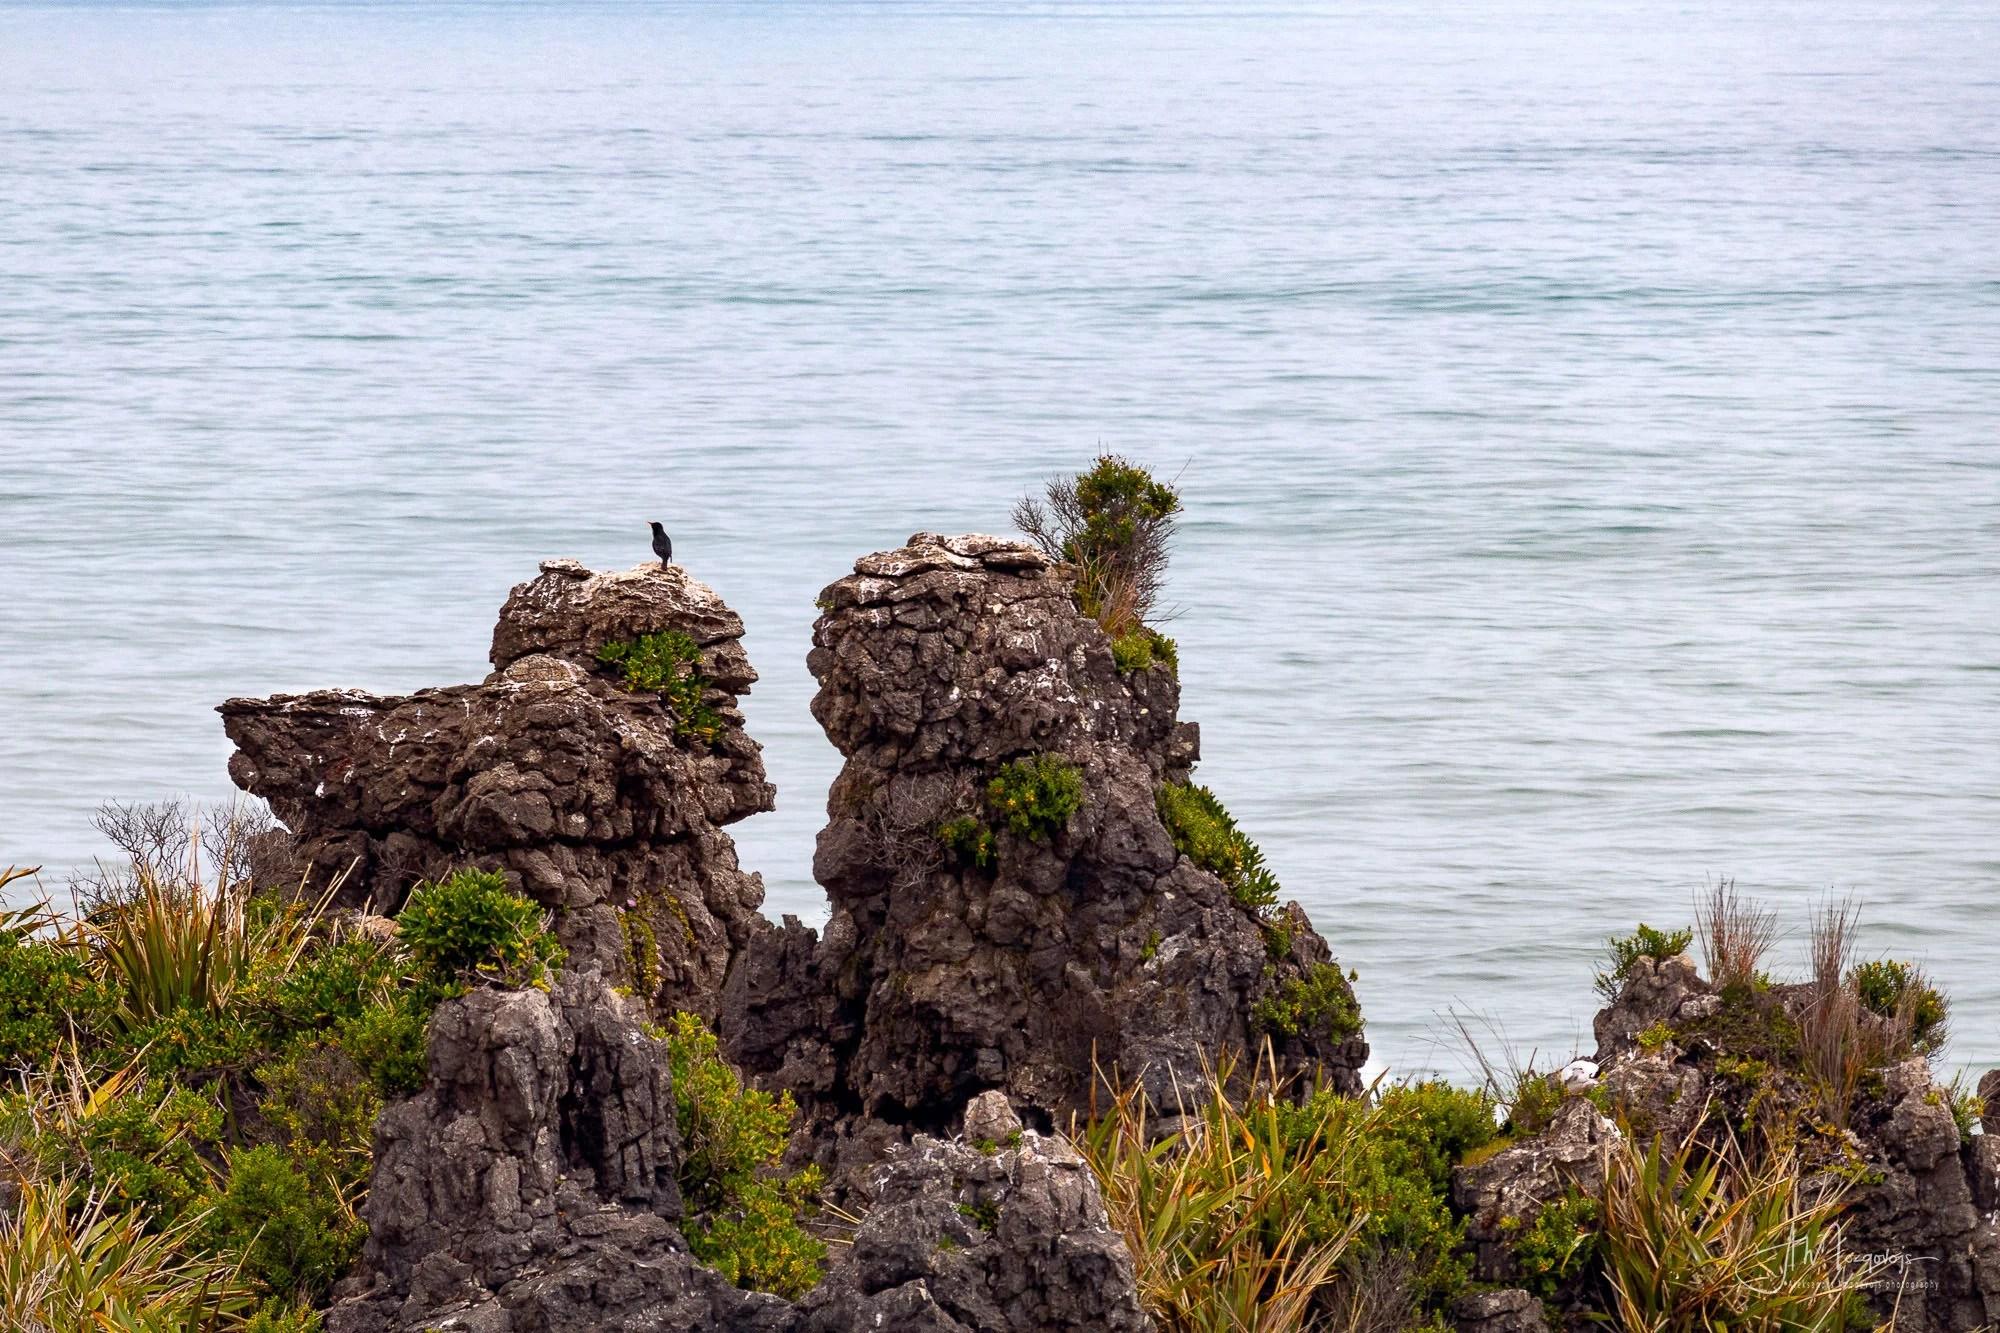 Lonely Bird at Pancake Rocks